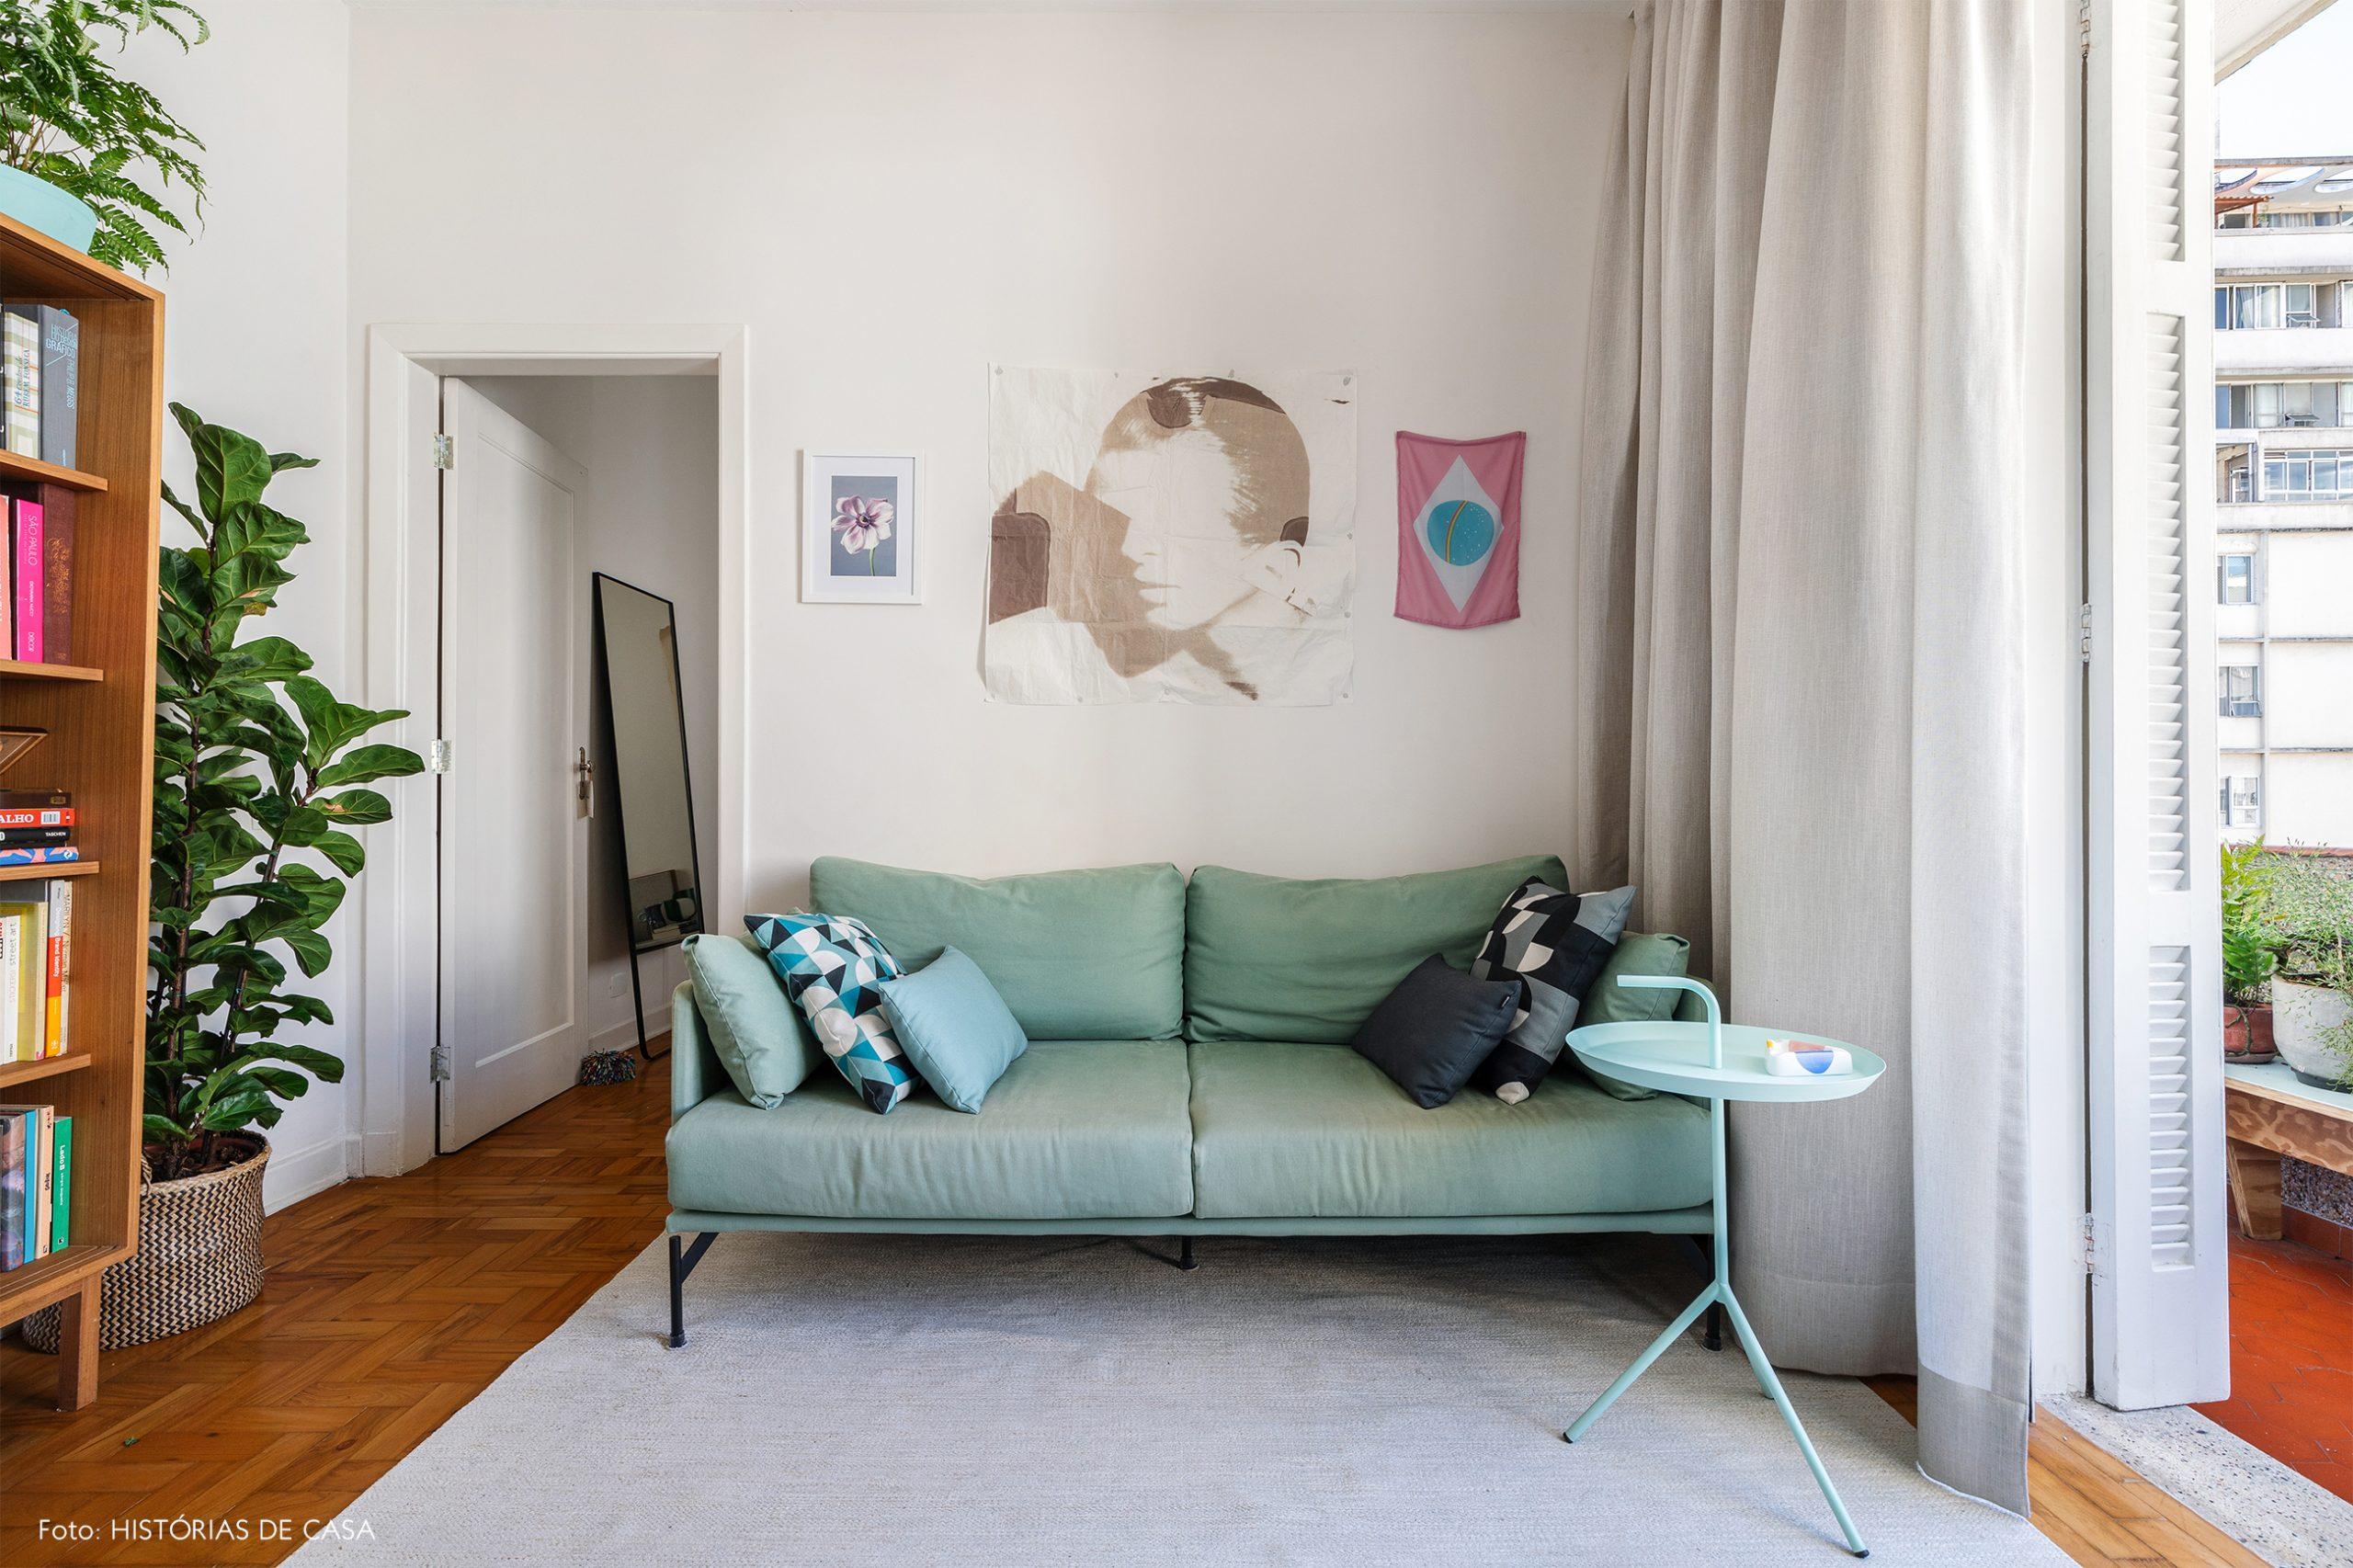 decoração sala sofa e mesa lateral azul cesto com planta